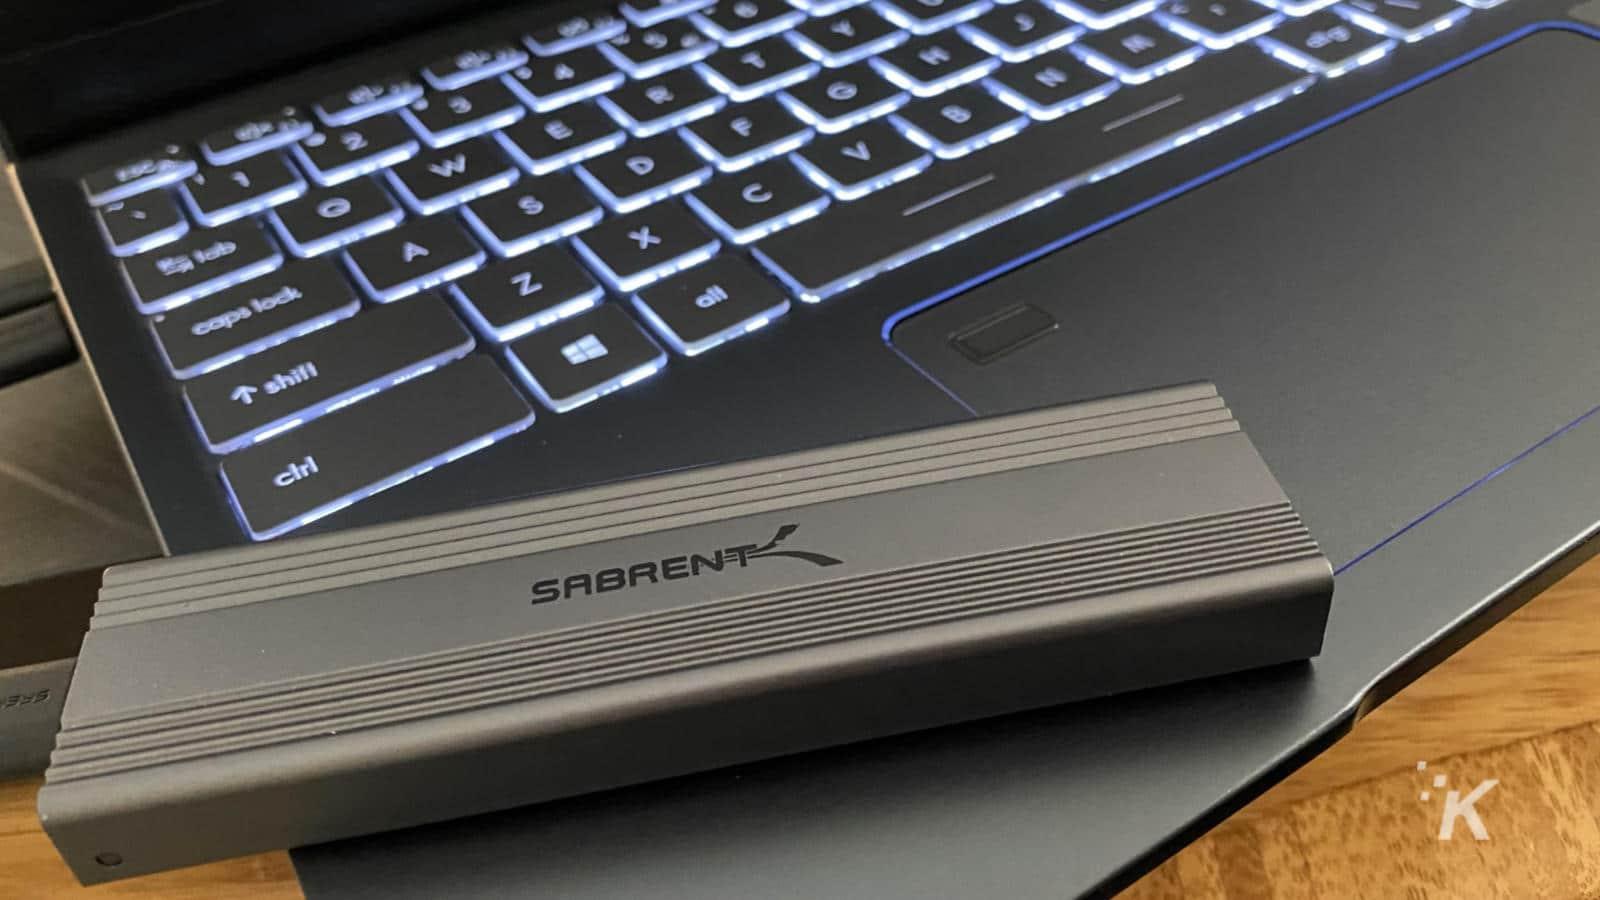 sabrent nvme external enclosure on a laptop